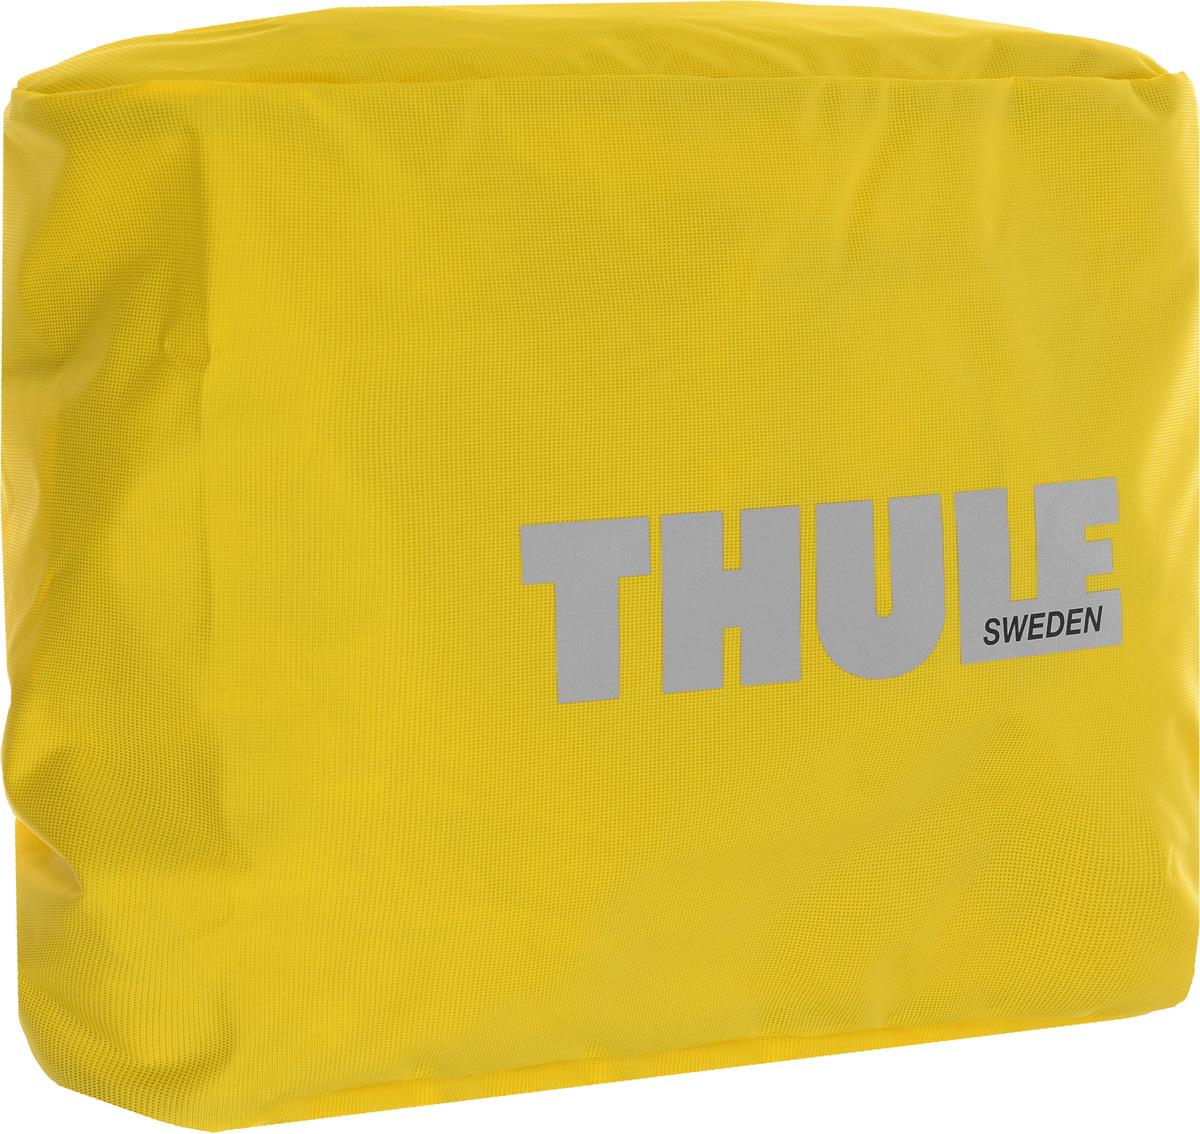 Чехол-дождевик для сумки Thule Pannier, цвет: желтый1000406Чехол-дождевик для сумки Thule Pannier предназначен для использования с велосипедными сумками Thule Packn Pedal Large Pannier. Чехол выполнен из прочного водонепроницаемого материала. Благодаря эластичной резинке легко и просто одевается на сумку. С таким чехлом ваша велосипедная сумка не промокнет, и все содержимое останется сухим. Гид по велоаксессуарам. Статья OZON Гид